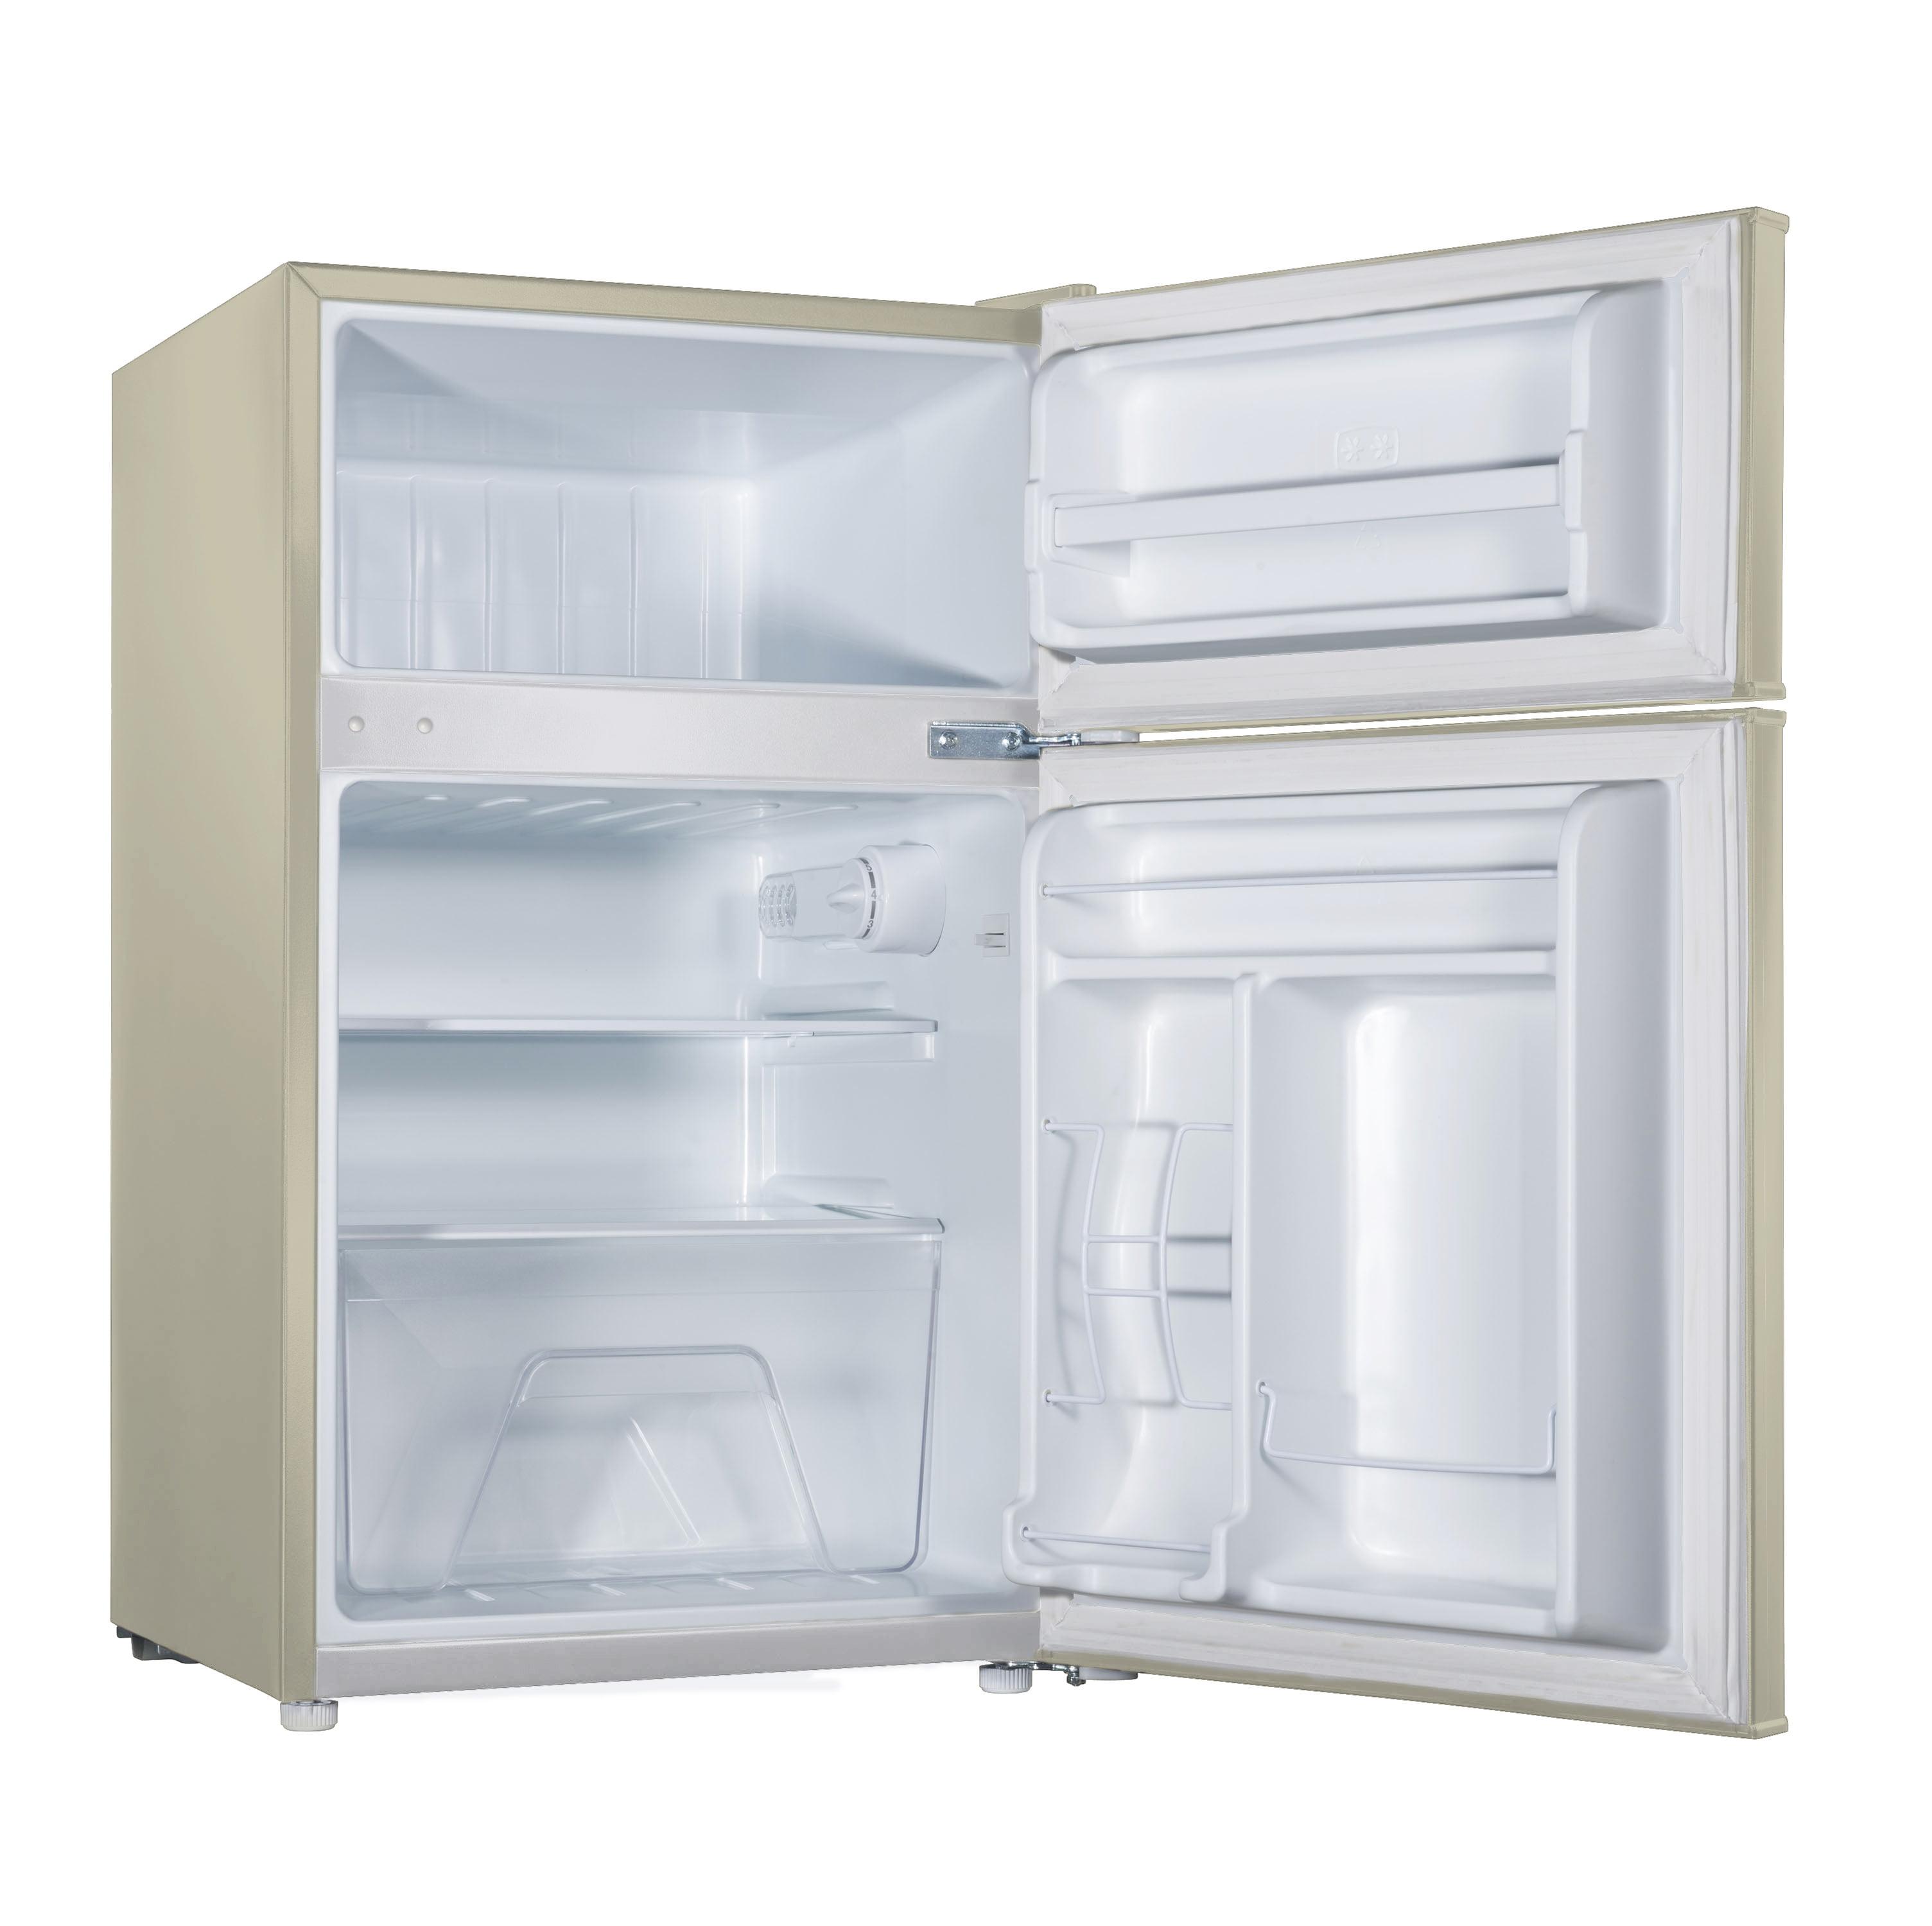 Galanz 3.1 cu ft Double Door Cream Cabinet and Door with Retro Door ...